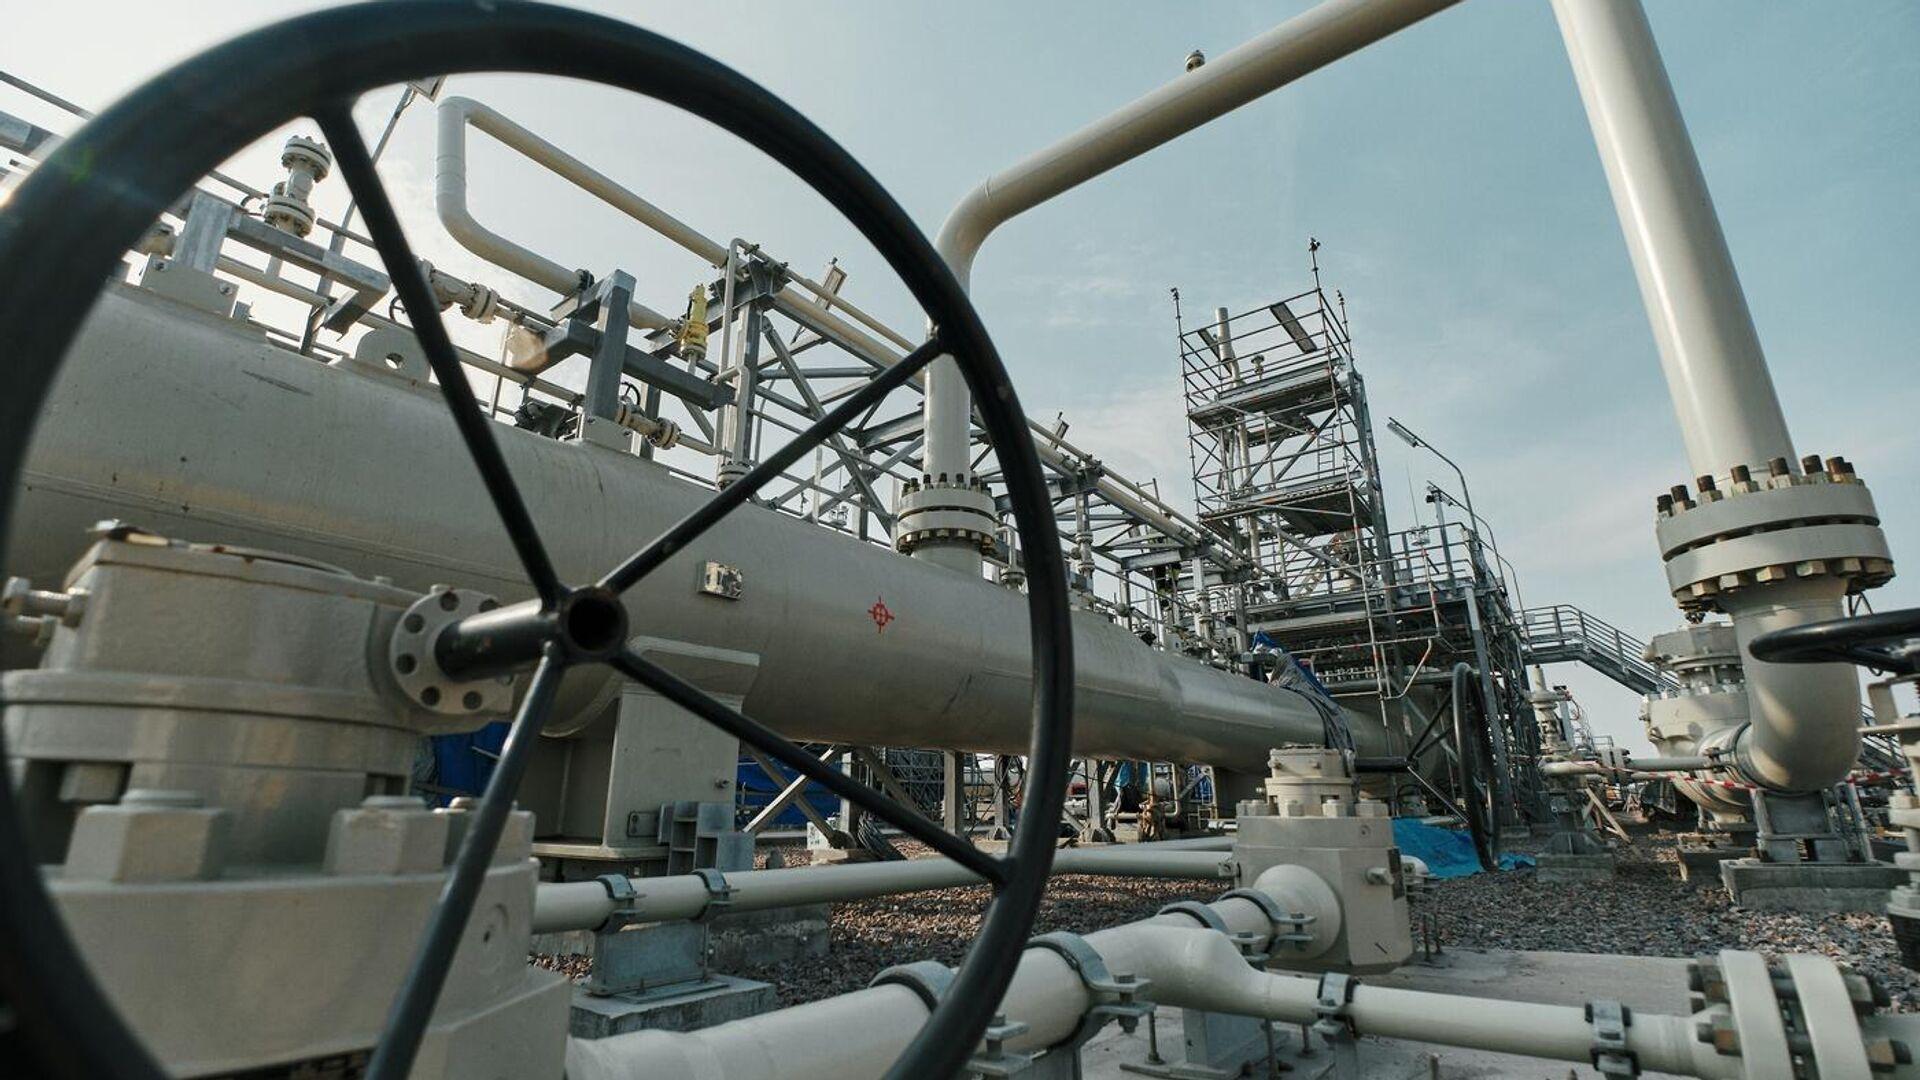 Vorbereitung der Anlagen an der russischen Anlandestation für den Betrieb im Rahmen des Gaspipeline-Projekts Nord Stream 2 - SNA, 1920, 08.05.2021